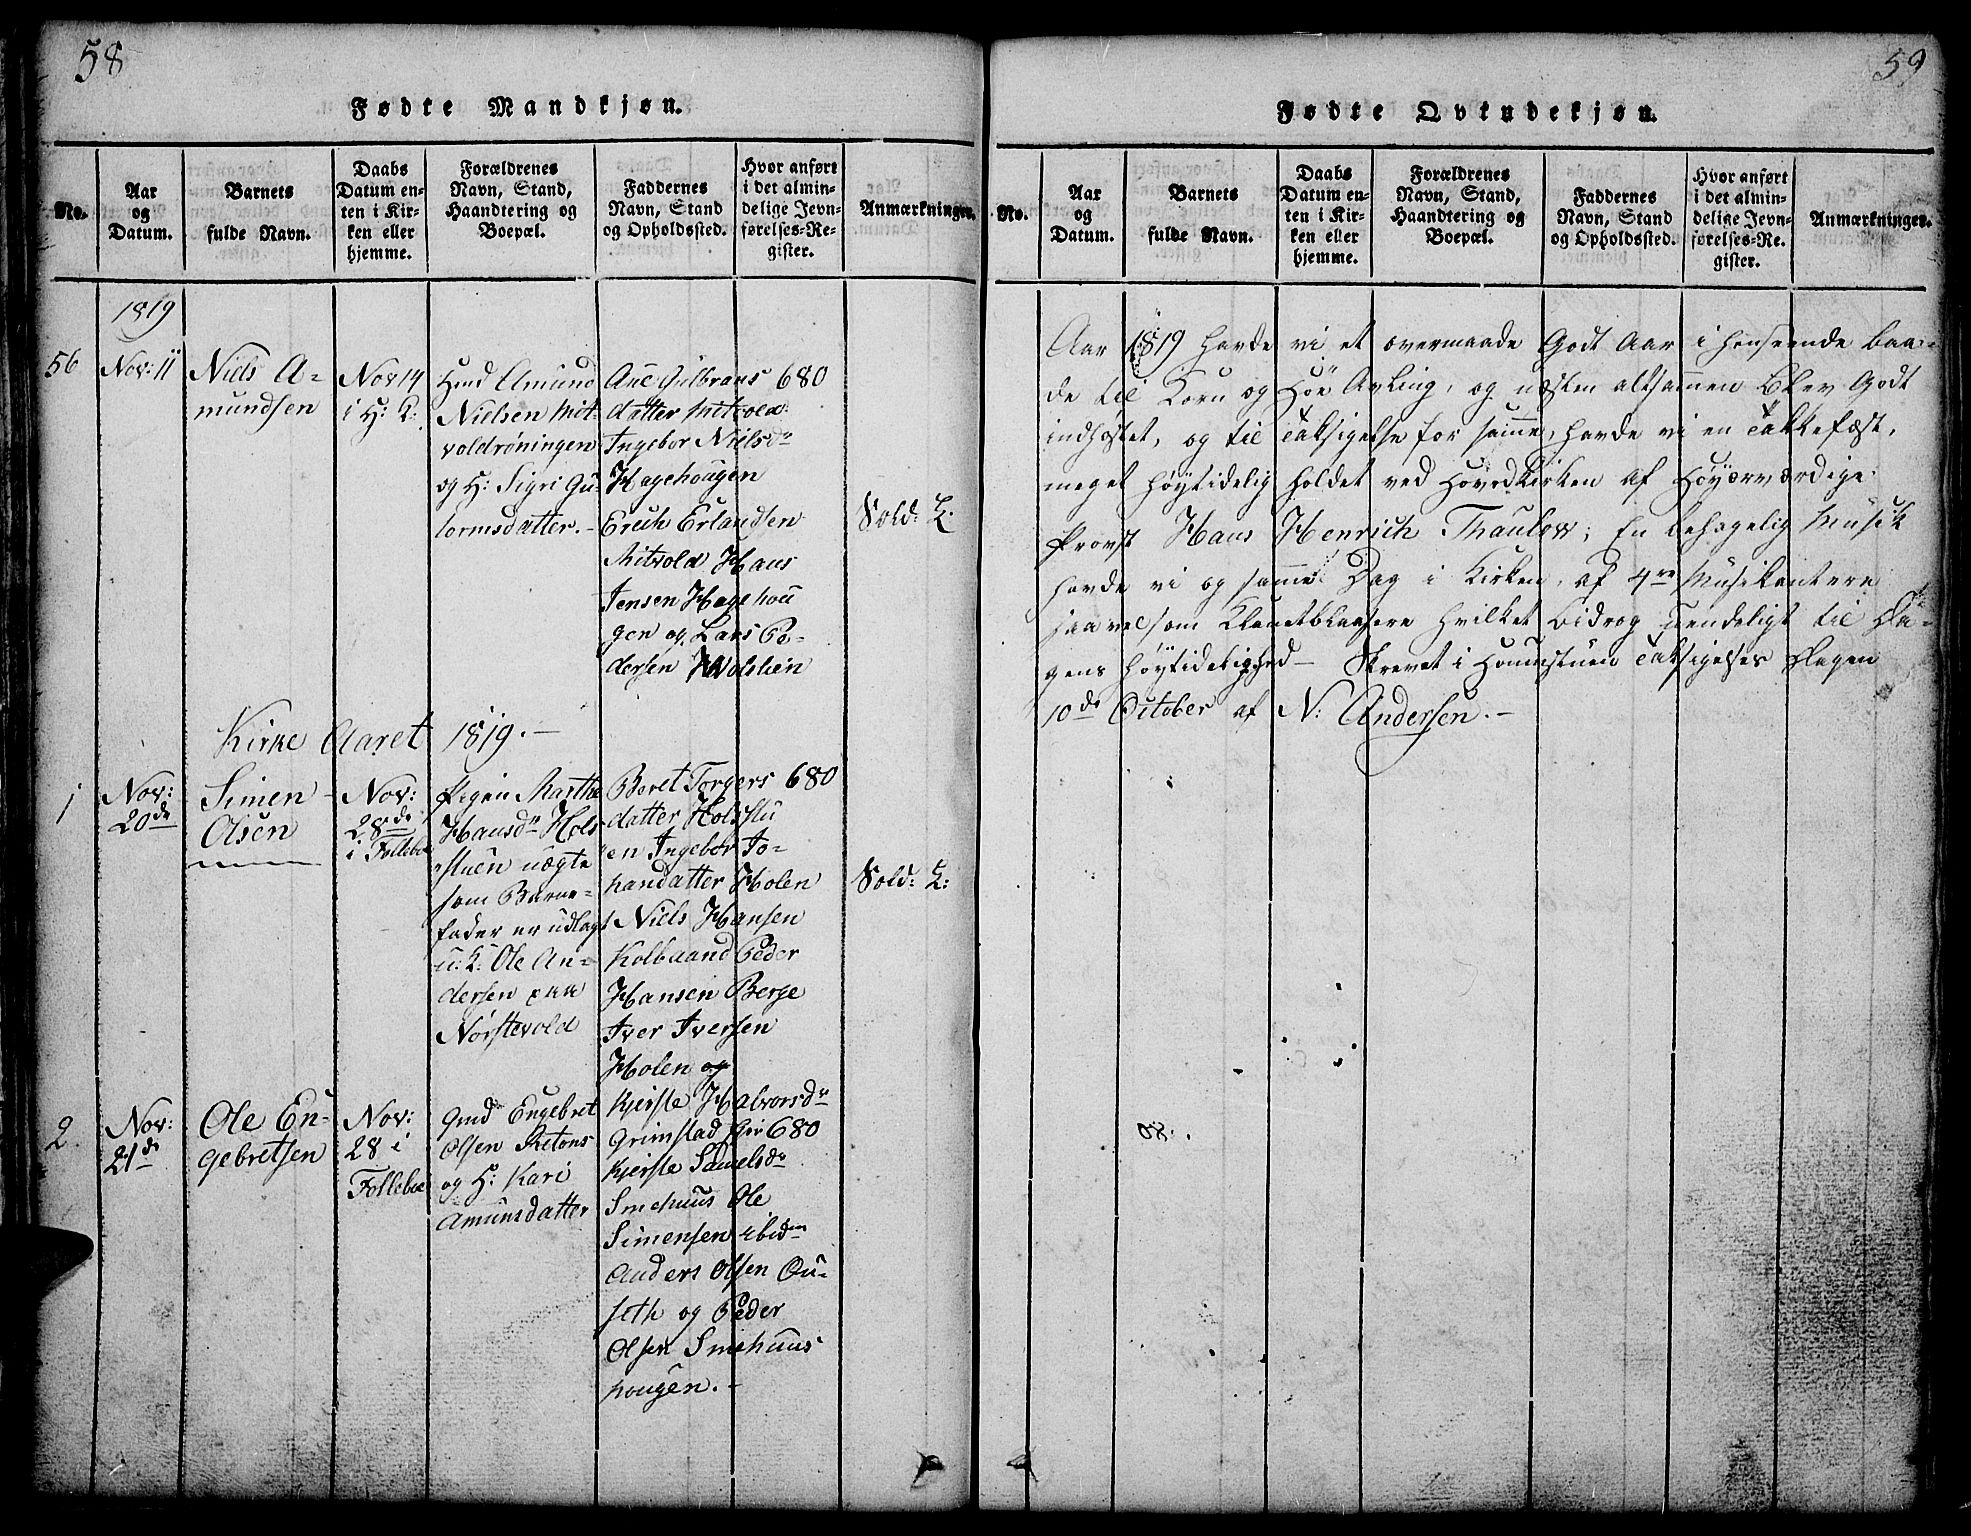 SAH, Gausdal prestekontor, Klokkerbok nr. 1, 1817-1848, s. 58-59